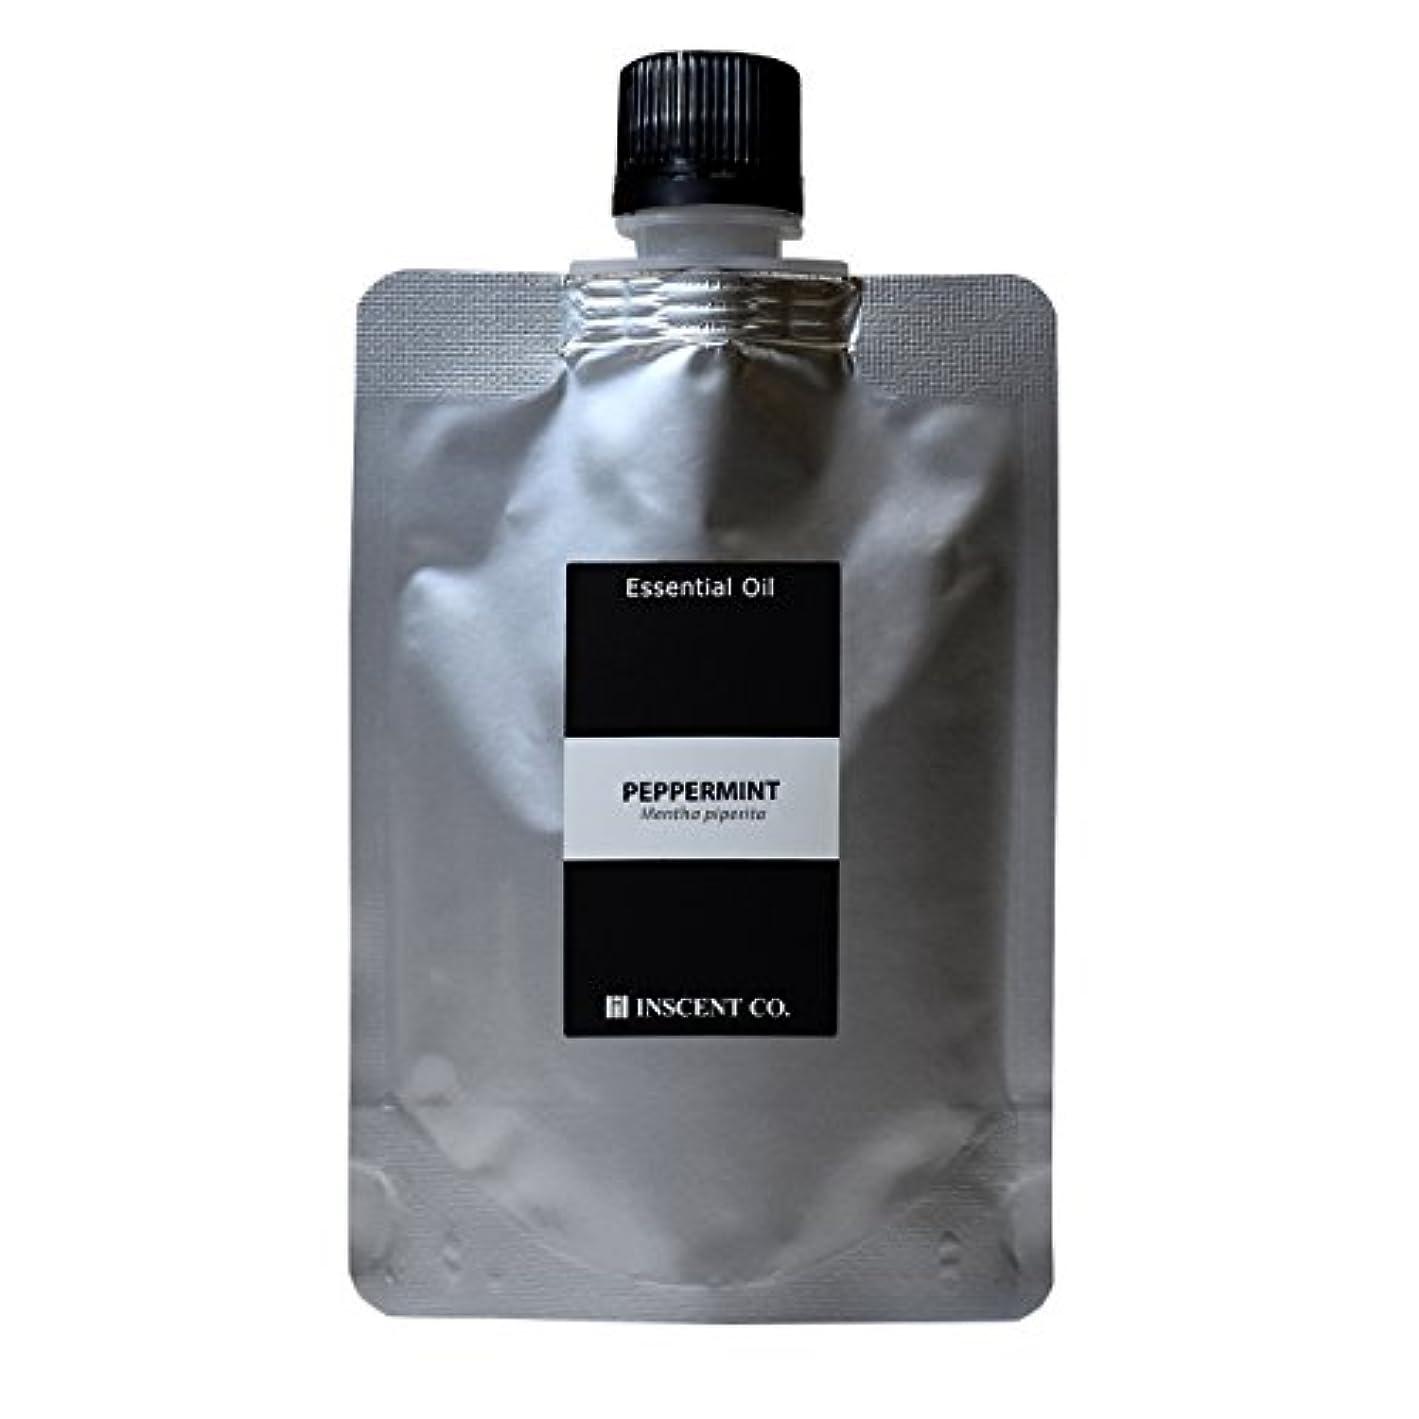 シーンイベント気難しい(詰替用 アルミパック) ペパーミント 50ml インセント アロマオイル AEAJ 表示基準適合認定精油